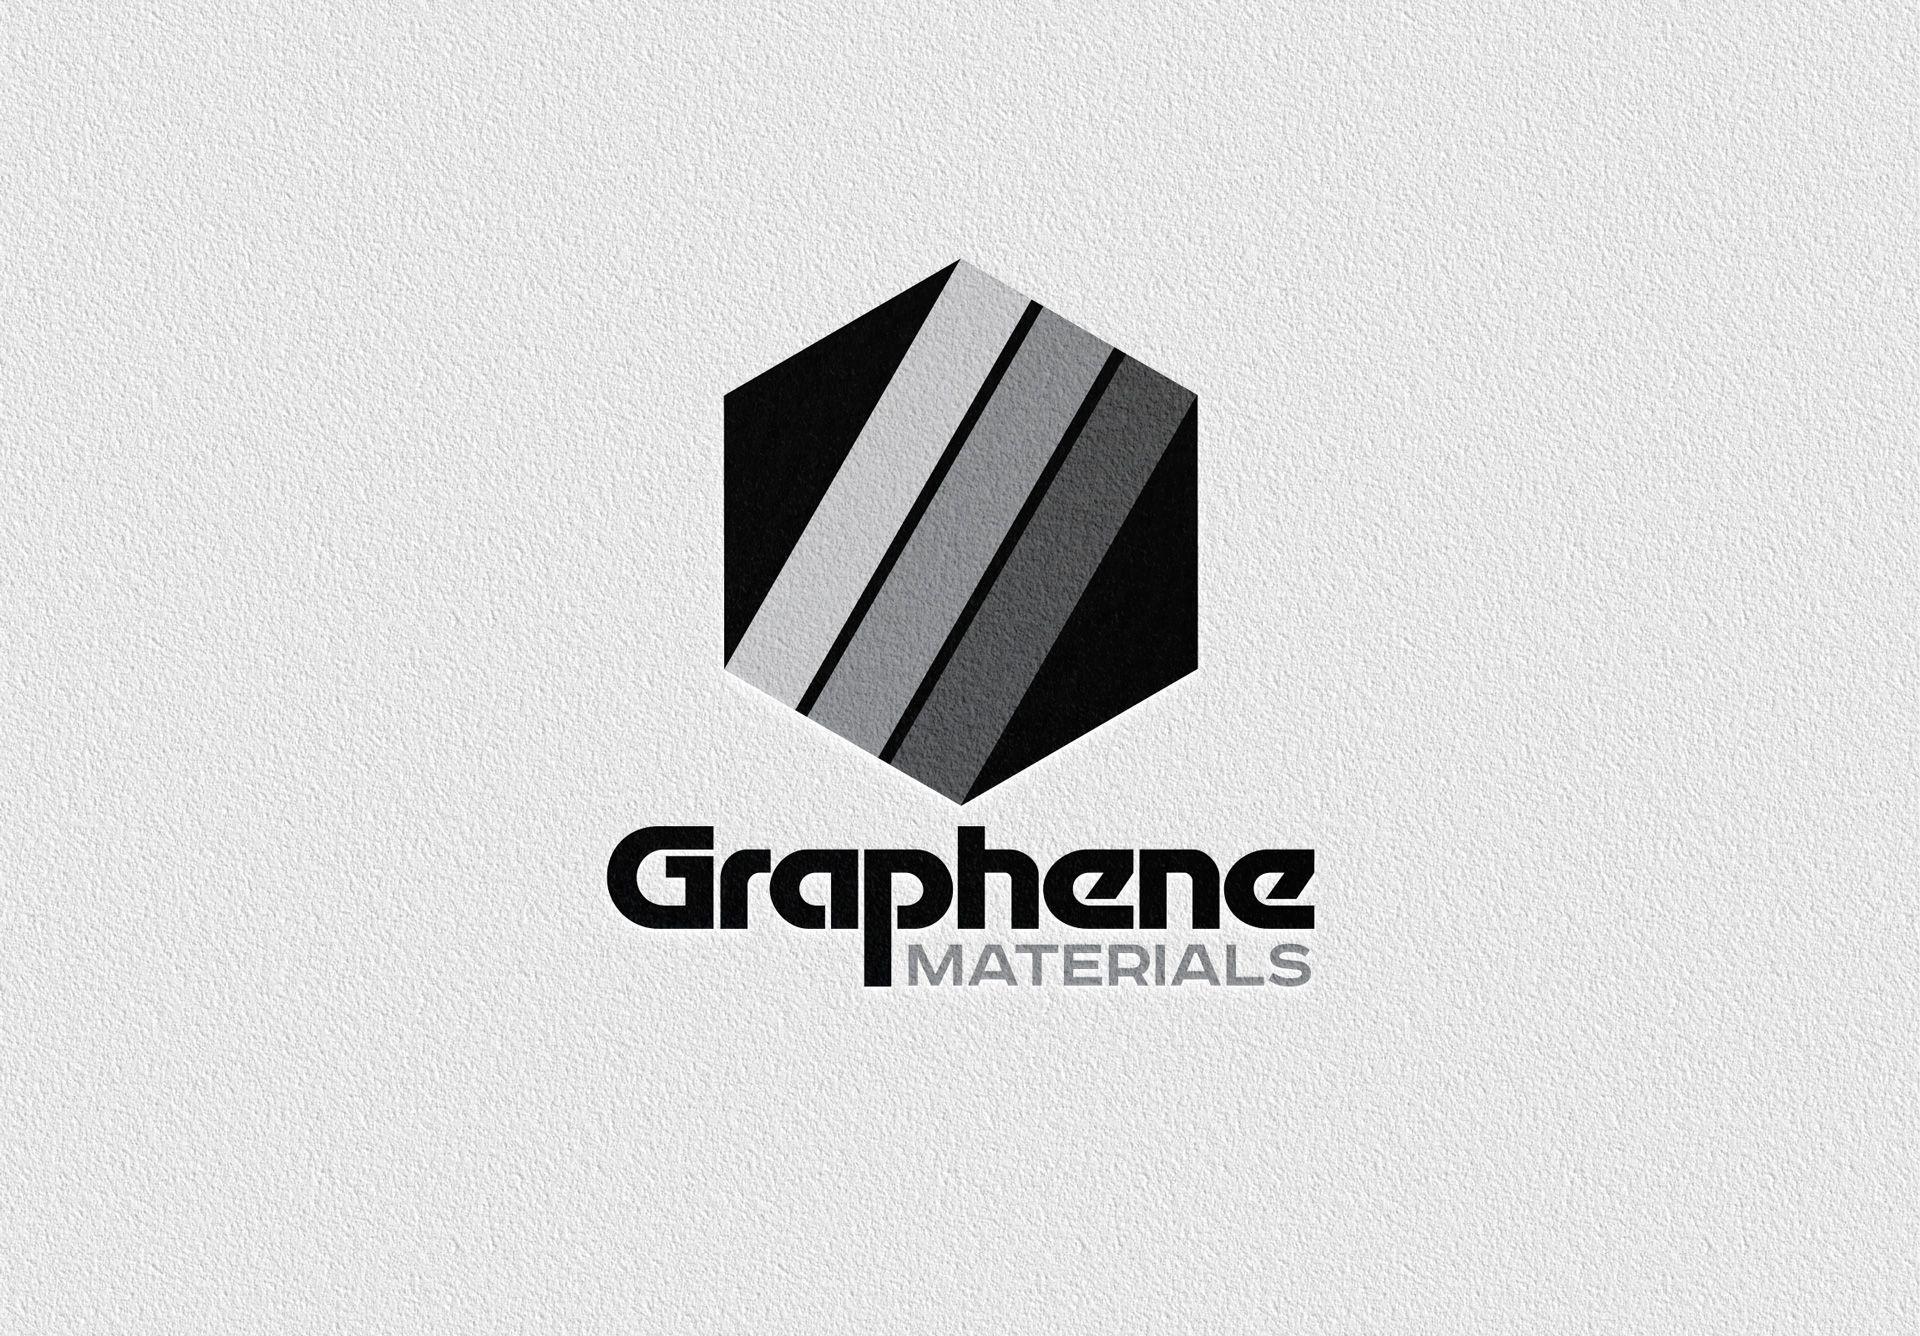 Логотип и ФС для производителя графена - дизайнер Advokat72